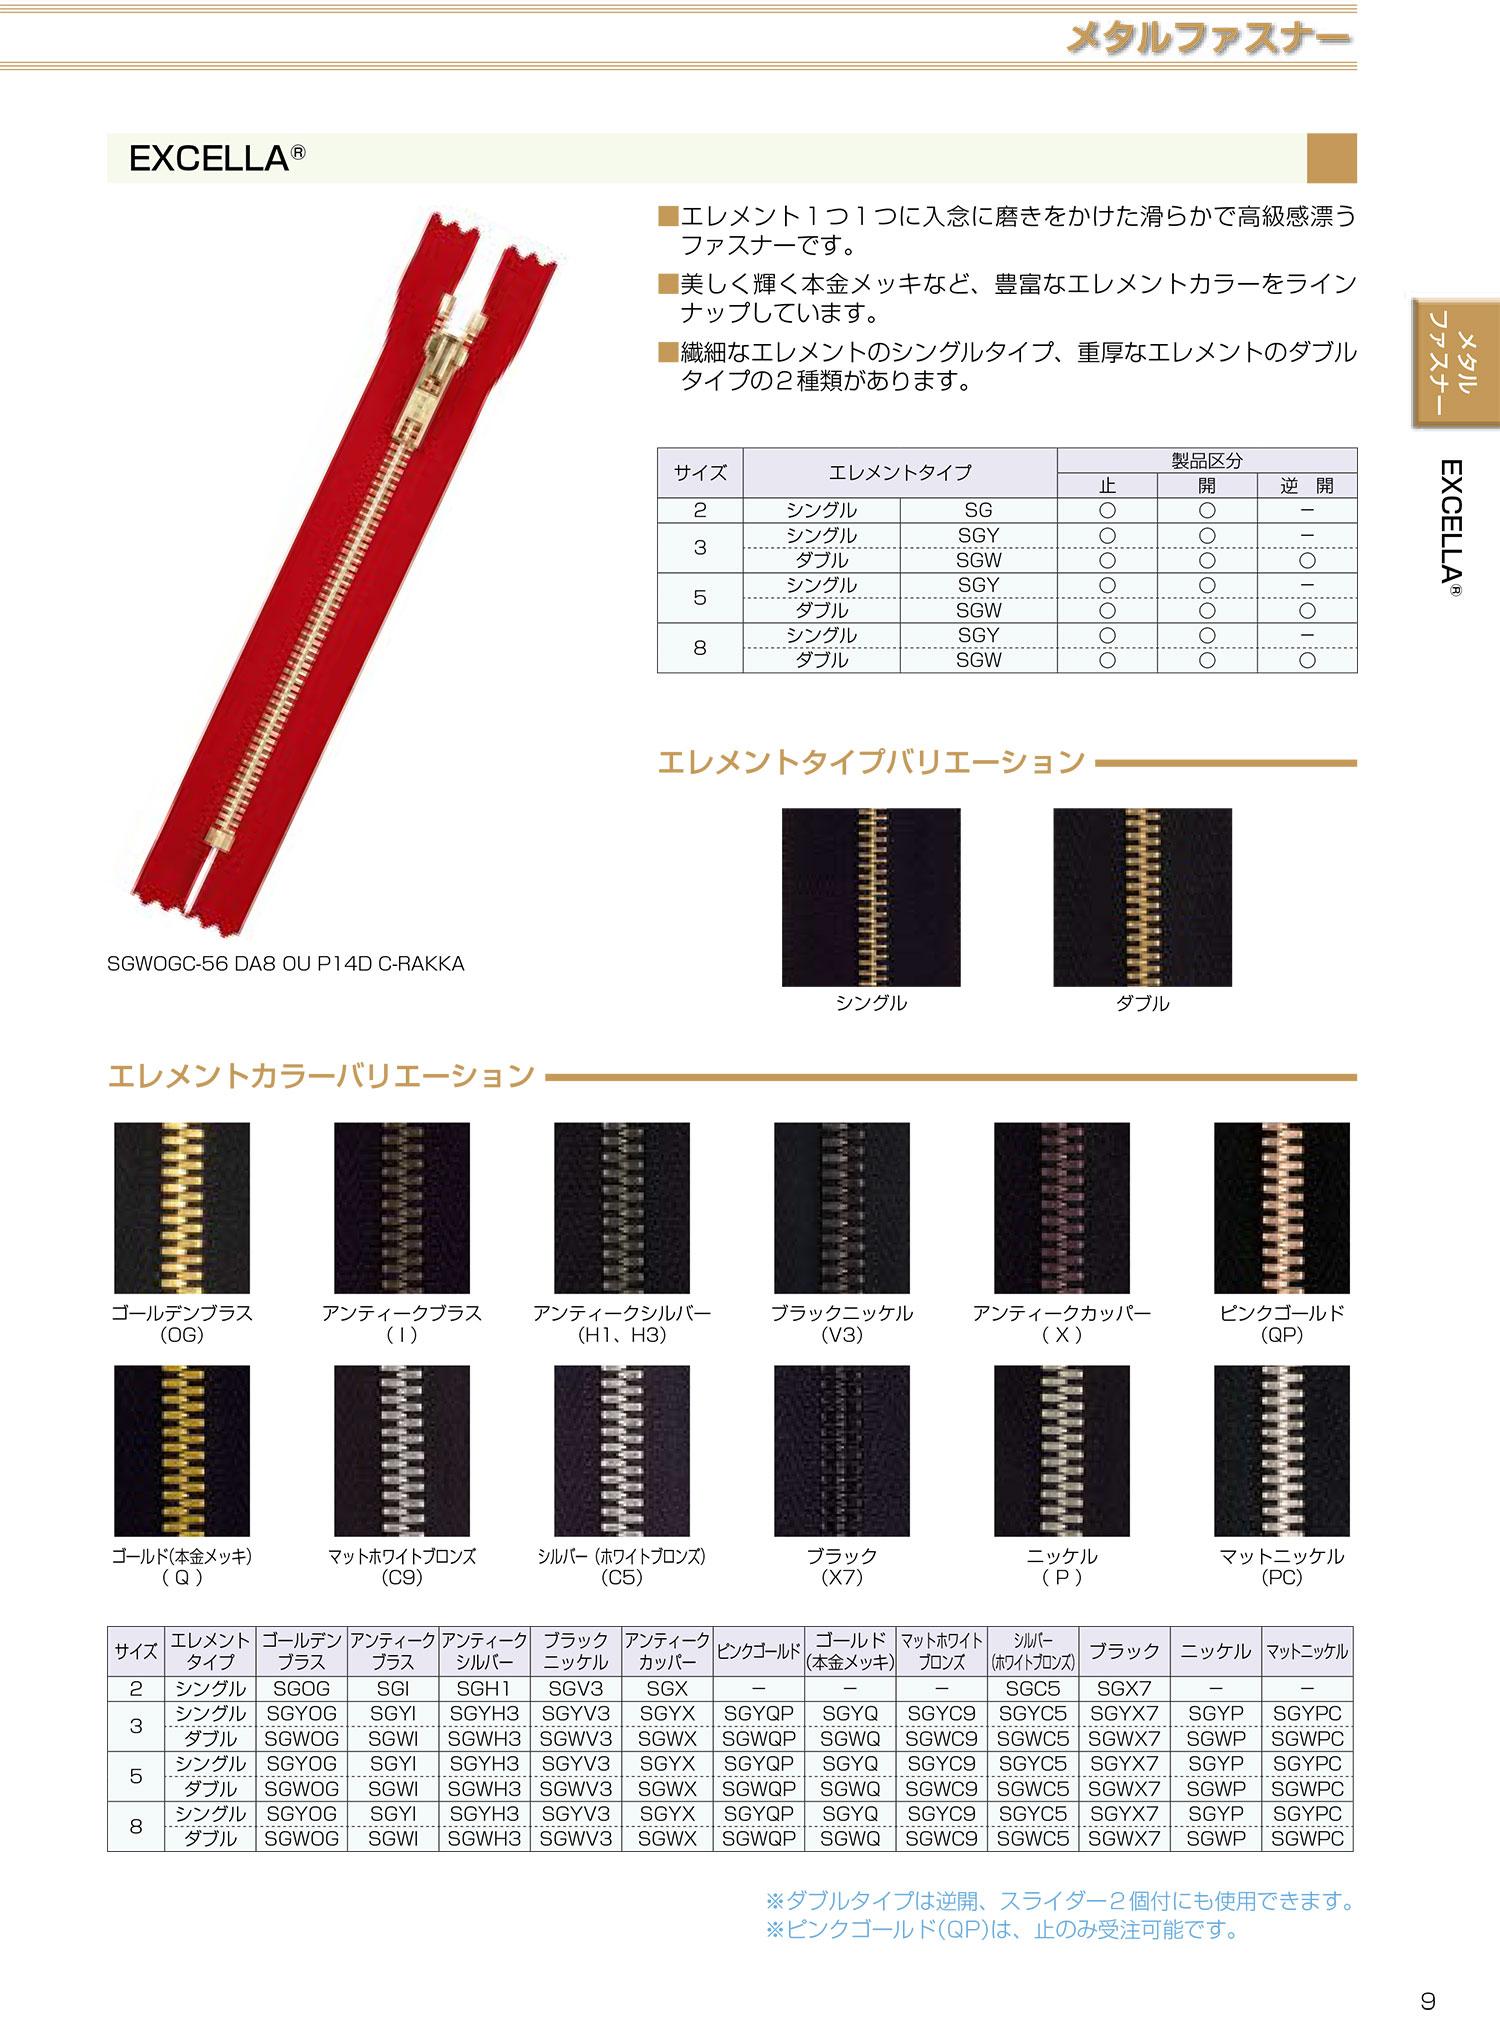 3SGWX7C エクセラ 3サイズ ブラック 止め ダブル[ファスナー] YKK/オークラ商事 - ApparelX アパレル資材卸通販